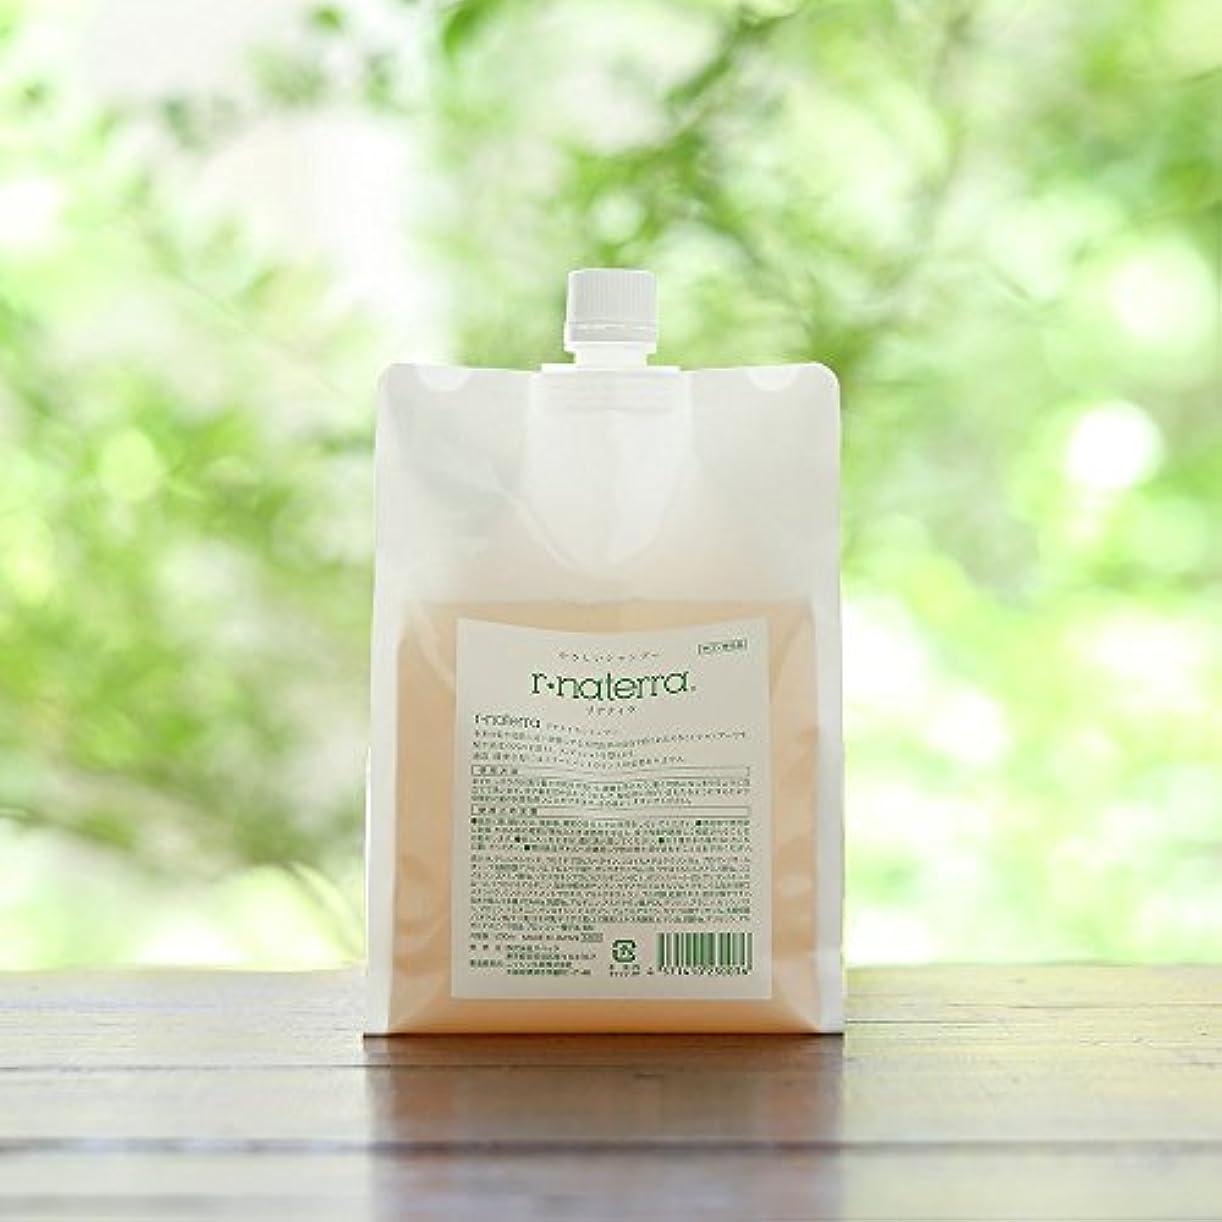 ガウン間違い良心的植物由来オールインワン自然派シャンプー リナティラ 1000ml ※フルボ酸シャンプー(ノンシリコン)